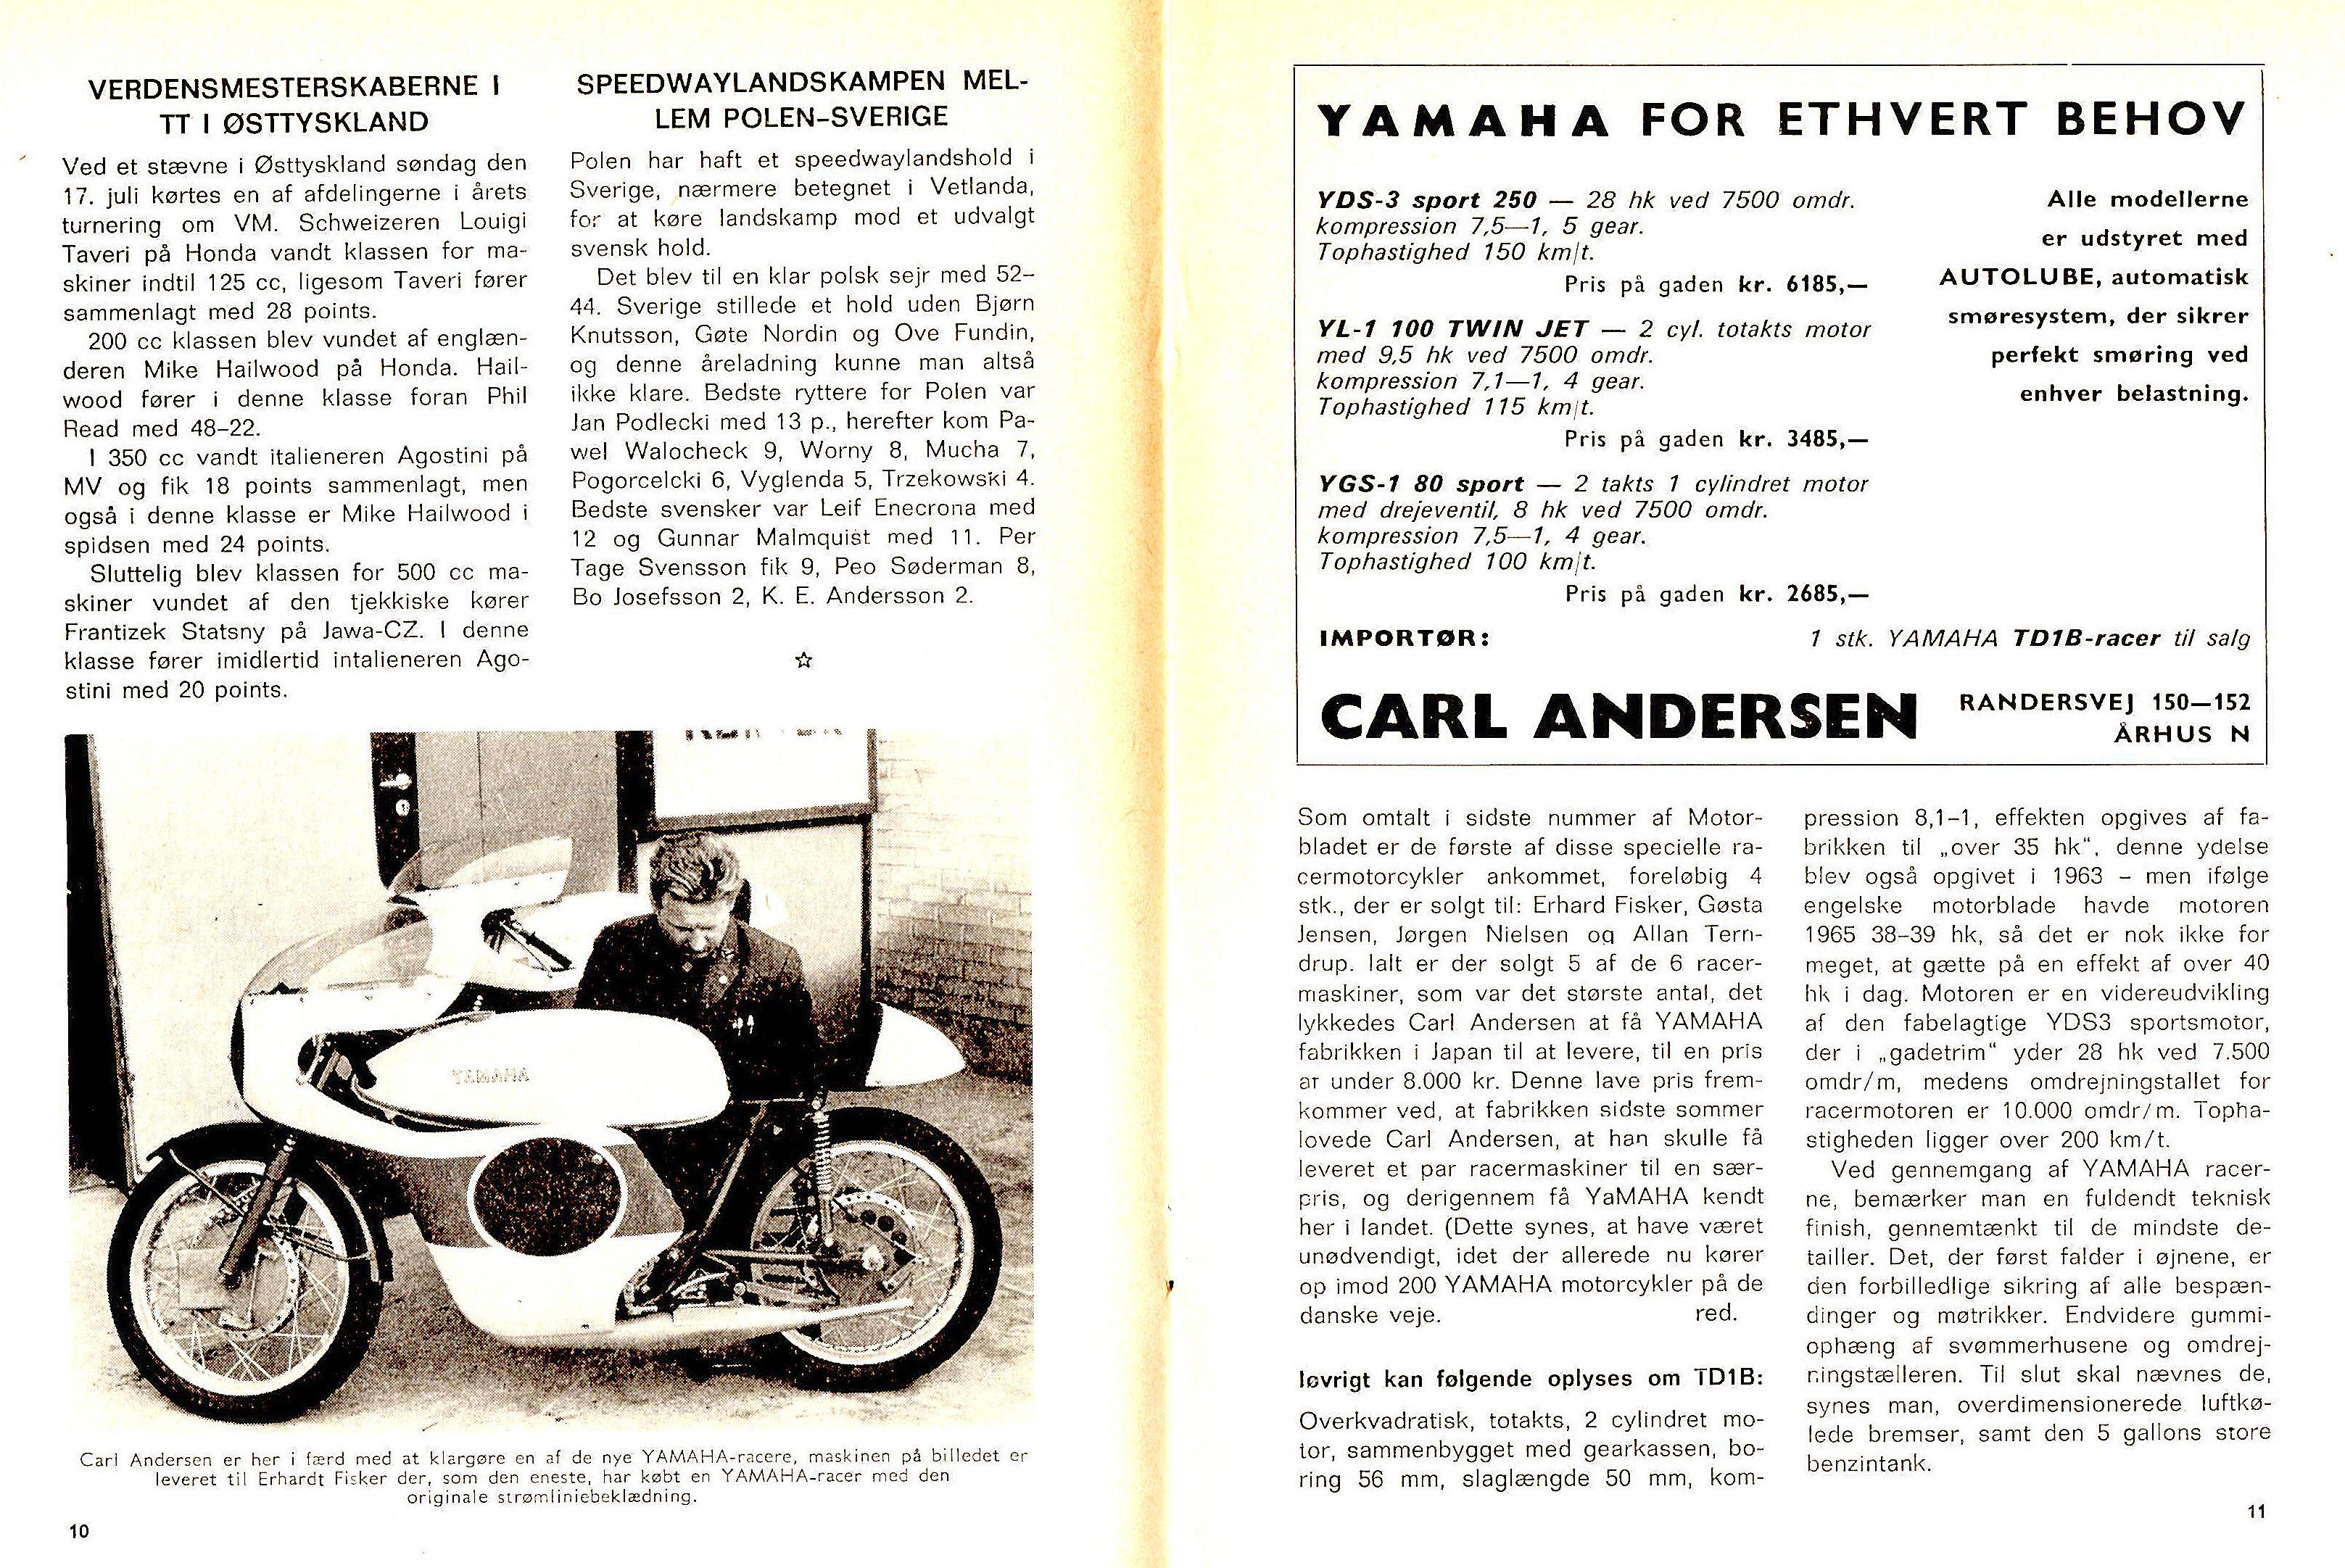 I dette DMU-blad fra aug. 66 kan man læse, at Carl har leveret Yamaha-racere til Erhardt Fisker, Jørgen Nielsen, Gösta Jensen og Allan Terndrup.